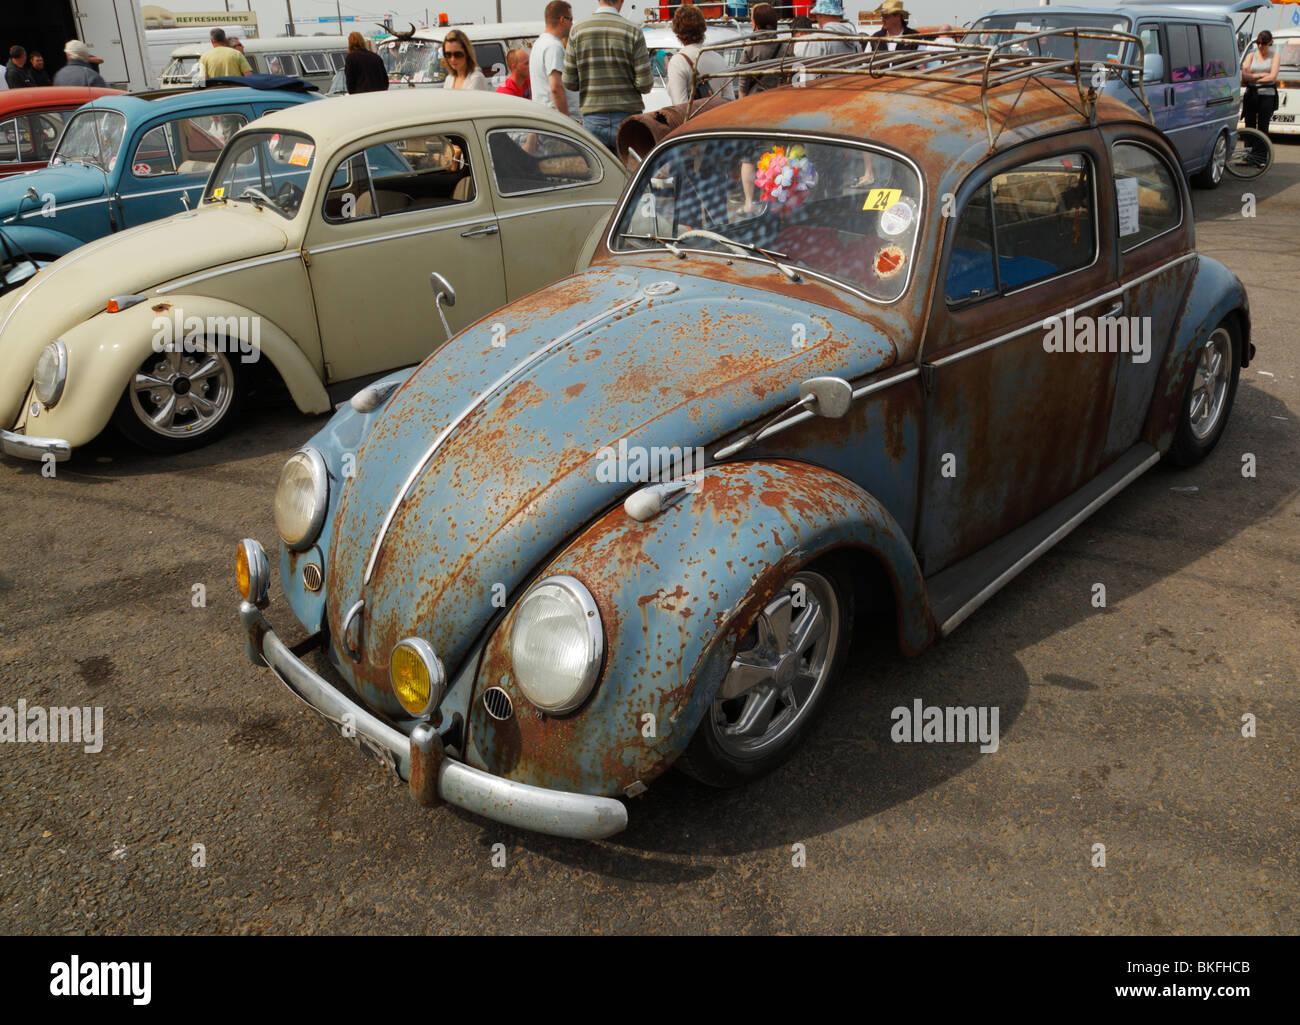 Ideal Rusty Rat Look Volkswagen Beetle Stock Photo: 29231787 - Alamy KC35